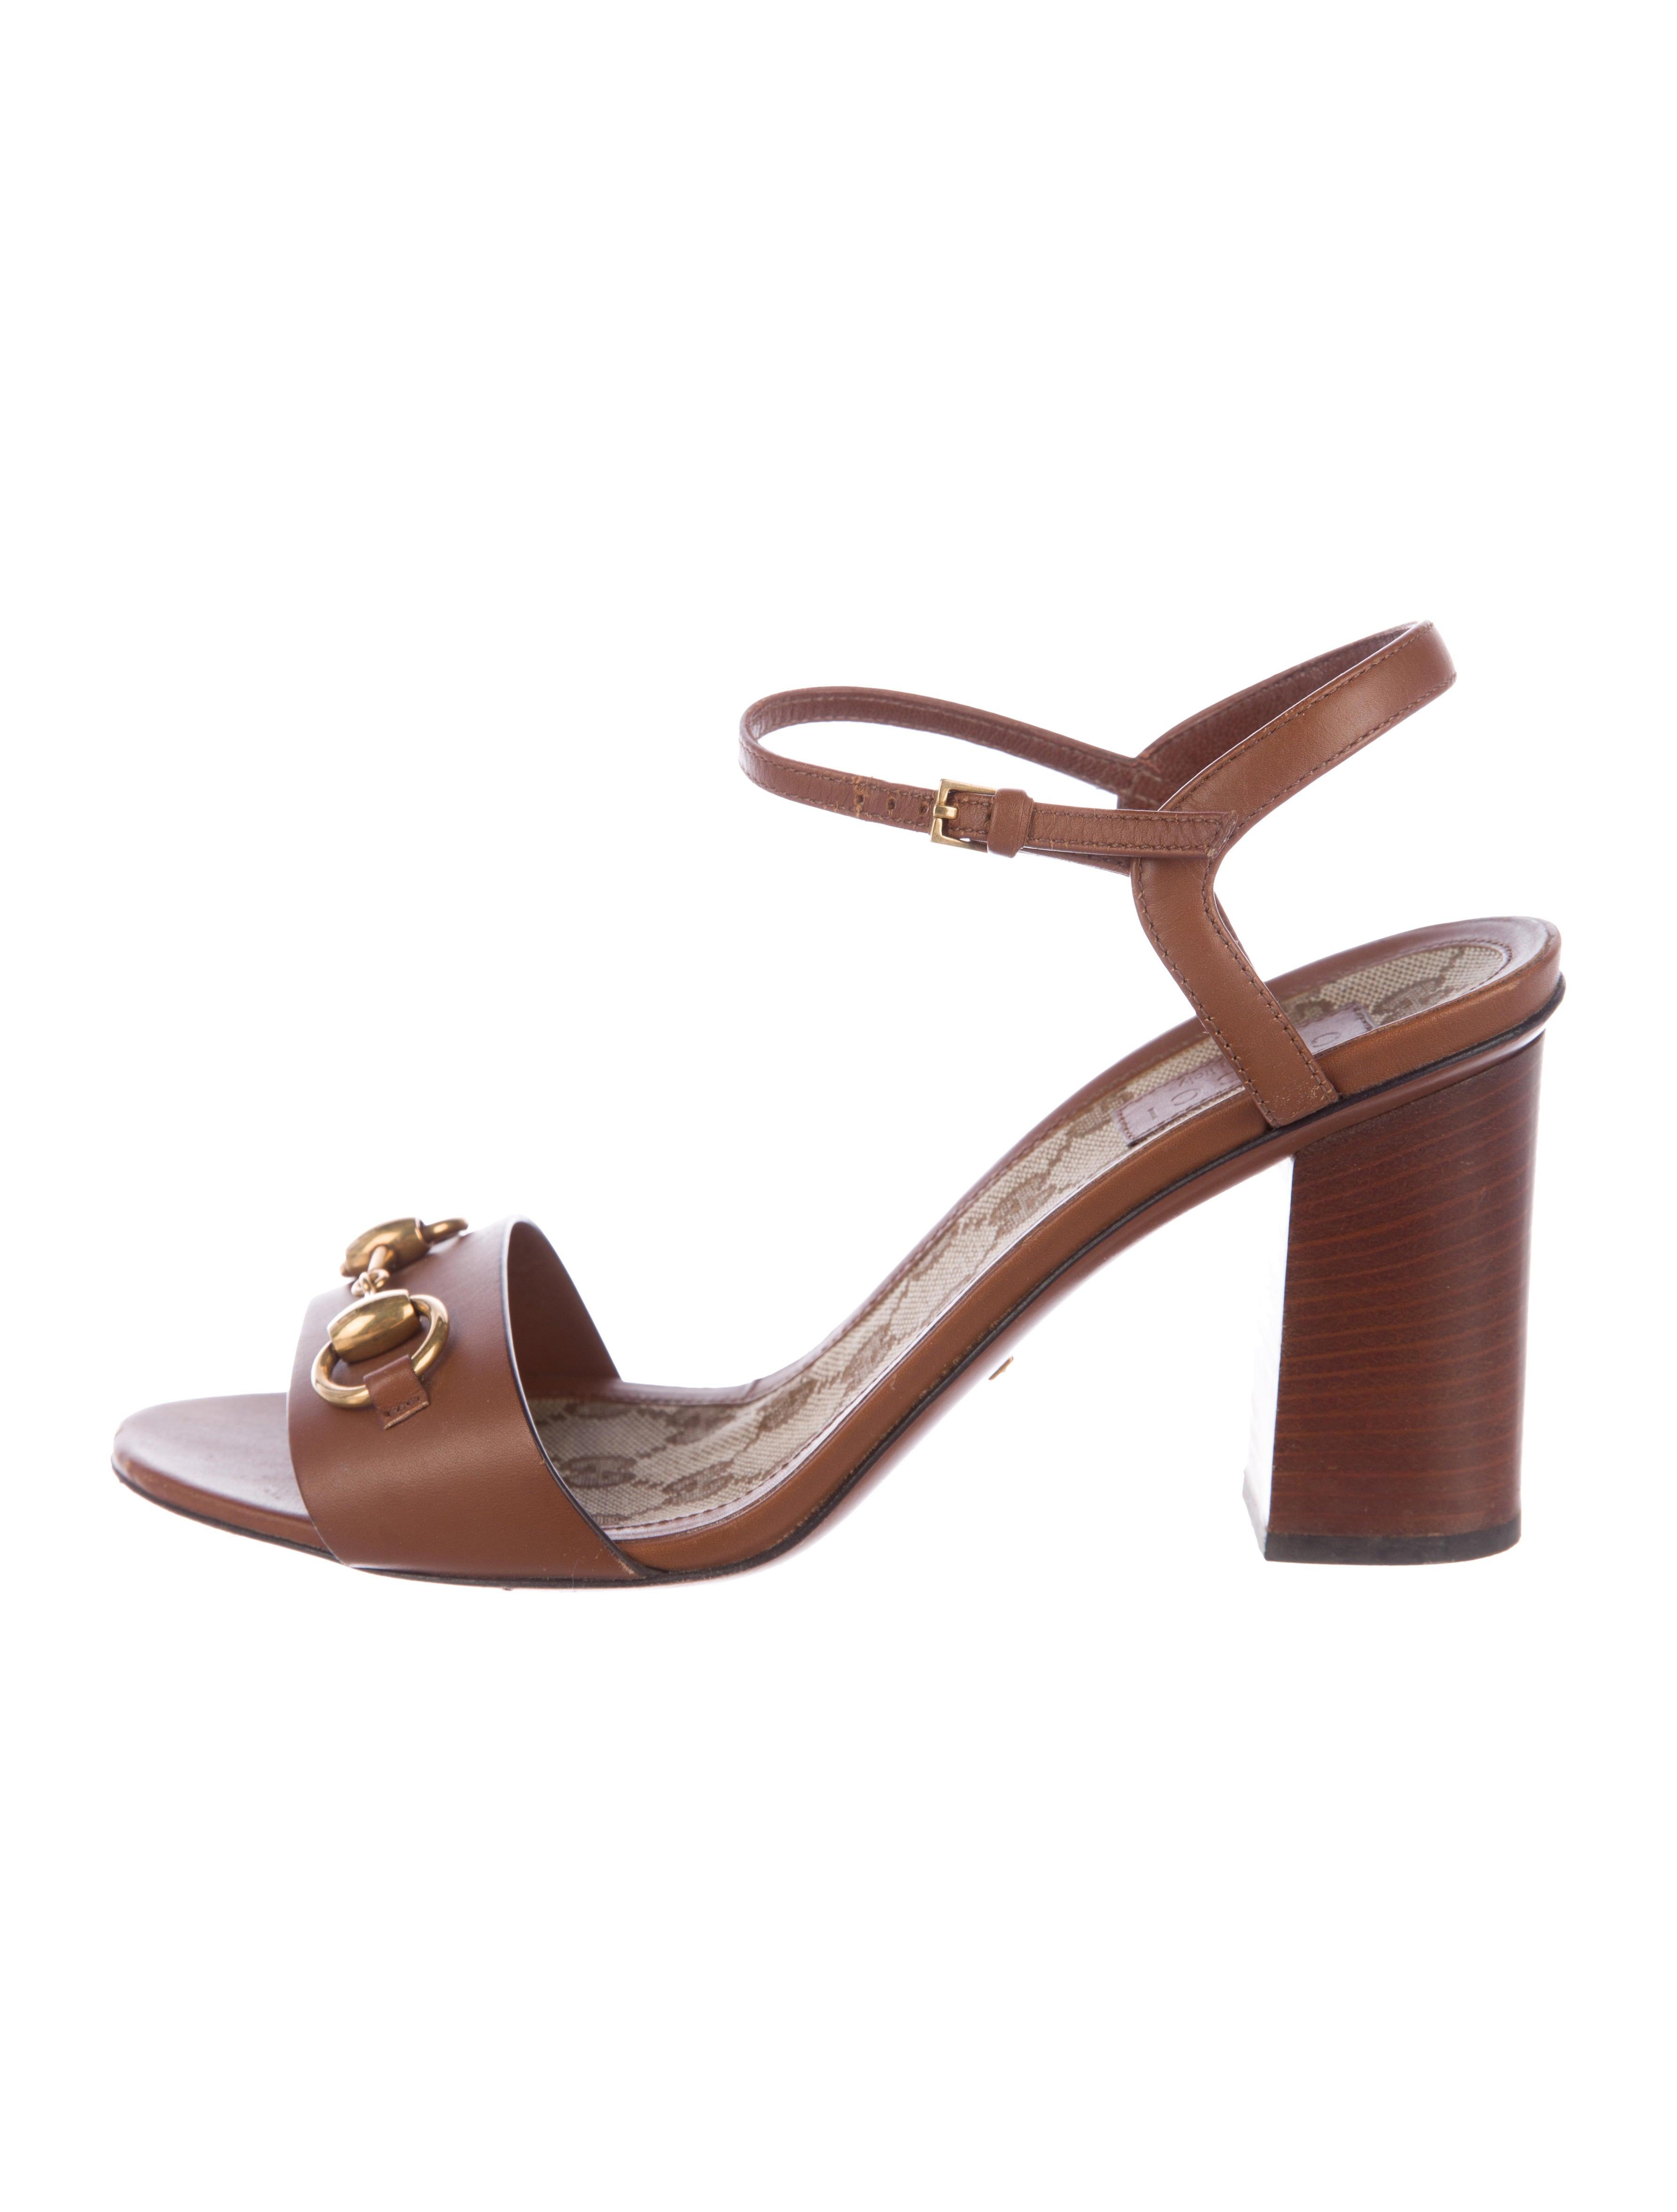 ed60b95bdb69 Gucci Lifford Horsebit Sandals - Shoes - GUC195380